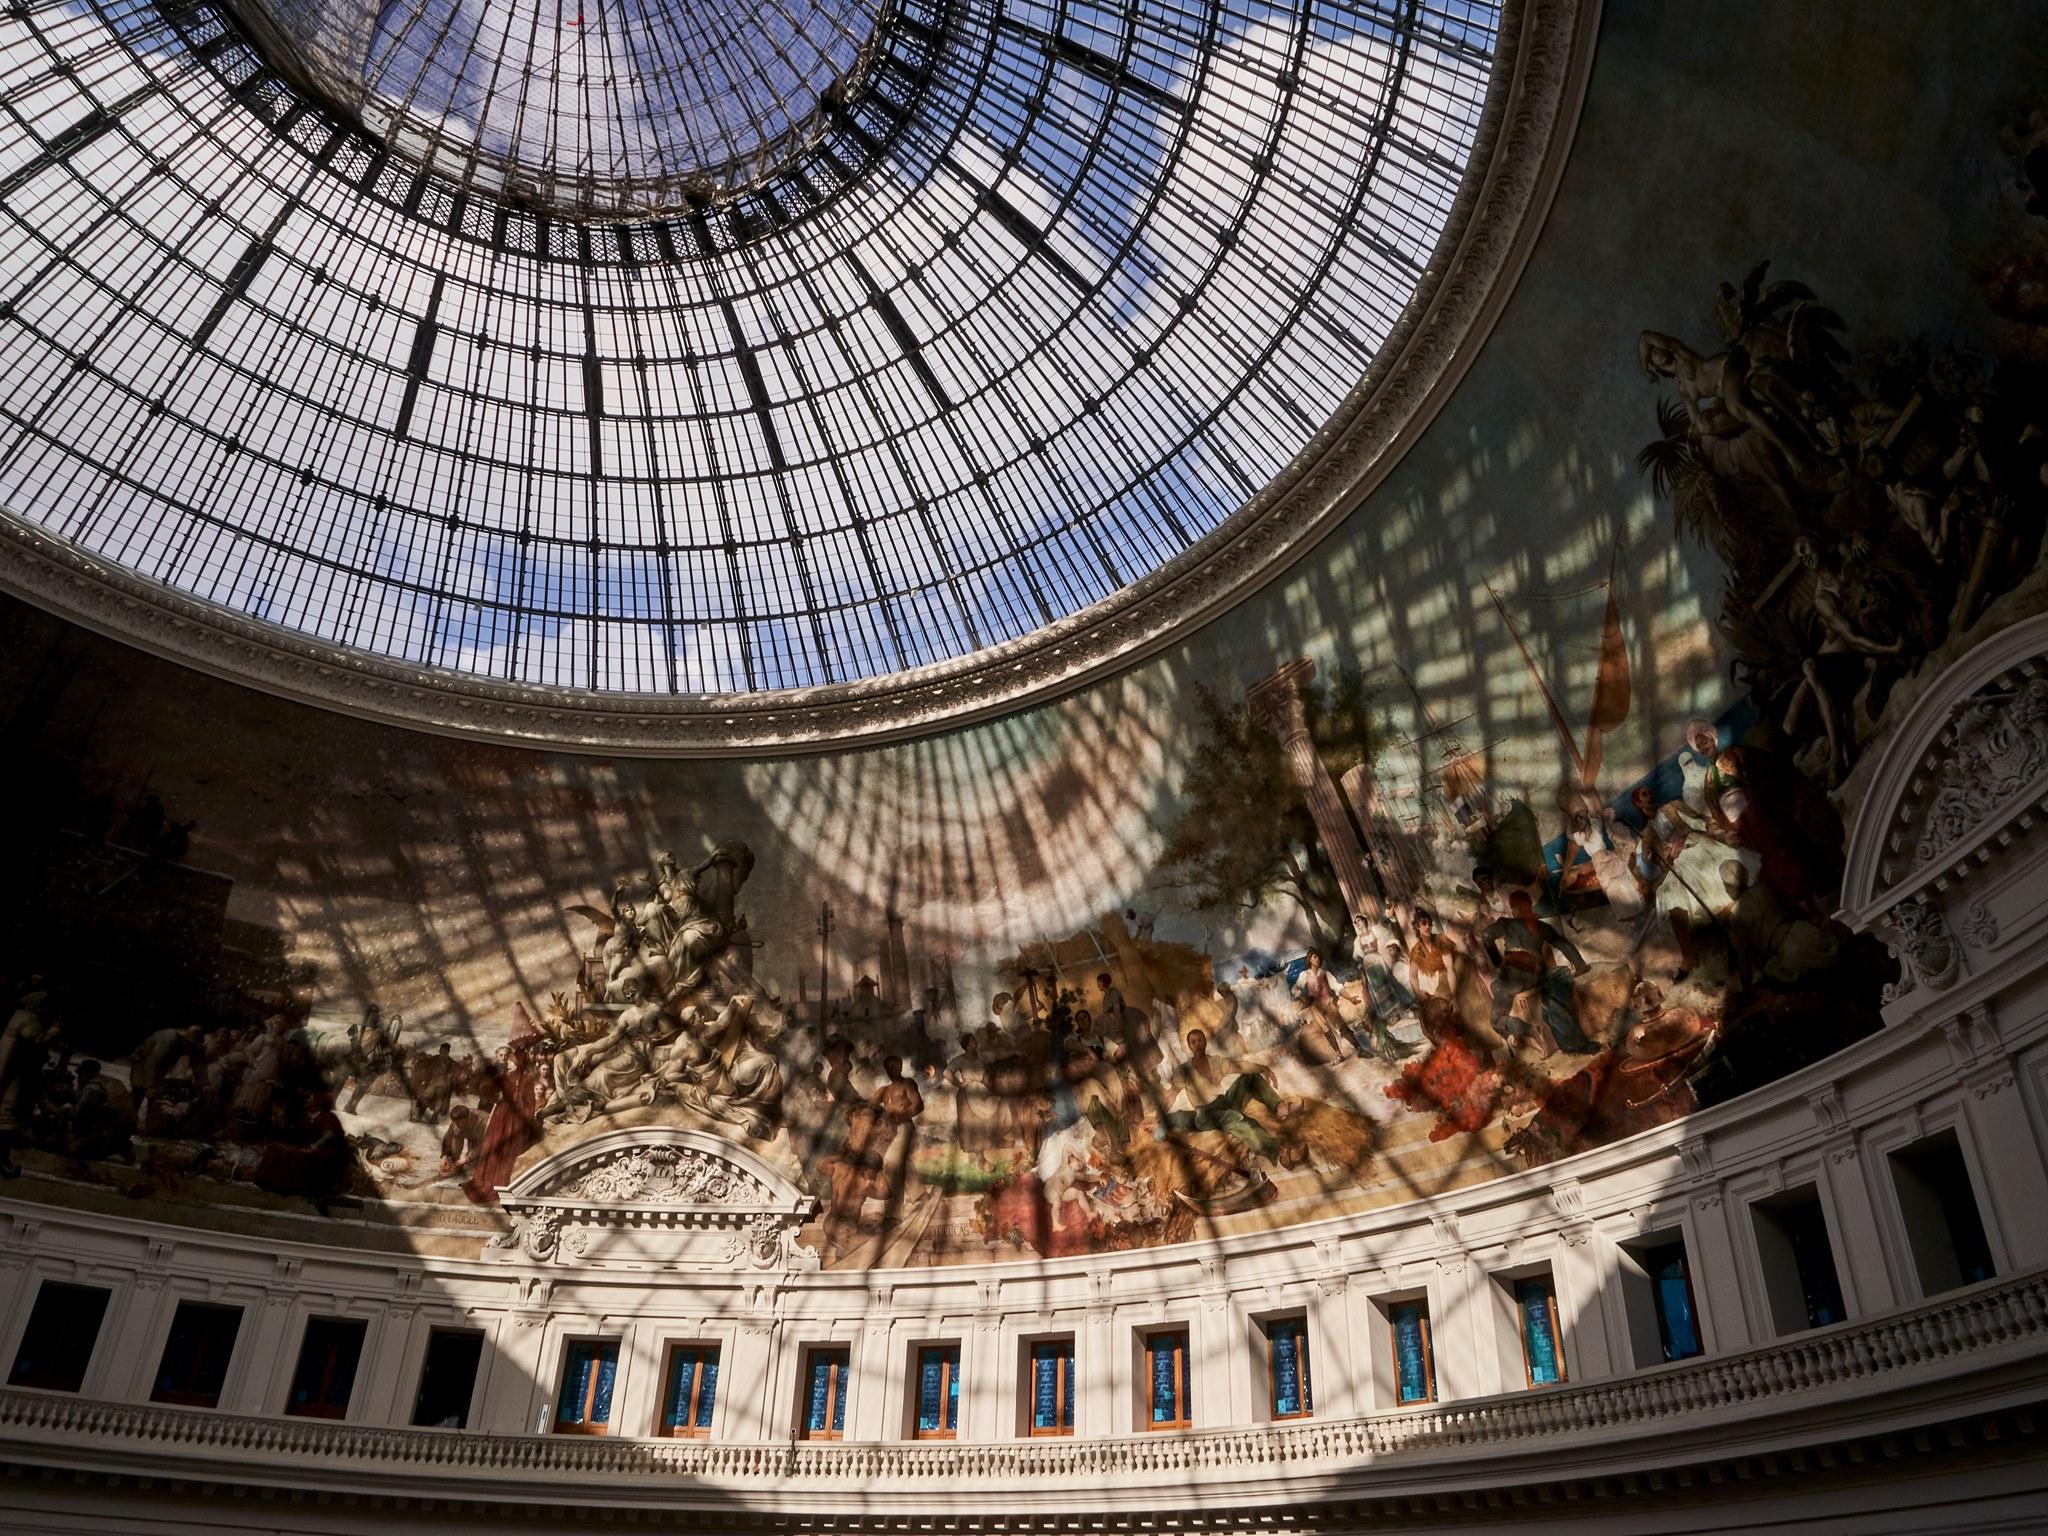 bourse de commerce musée de la collection pinault